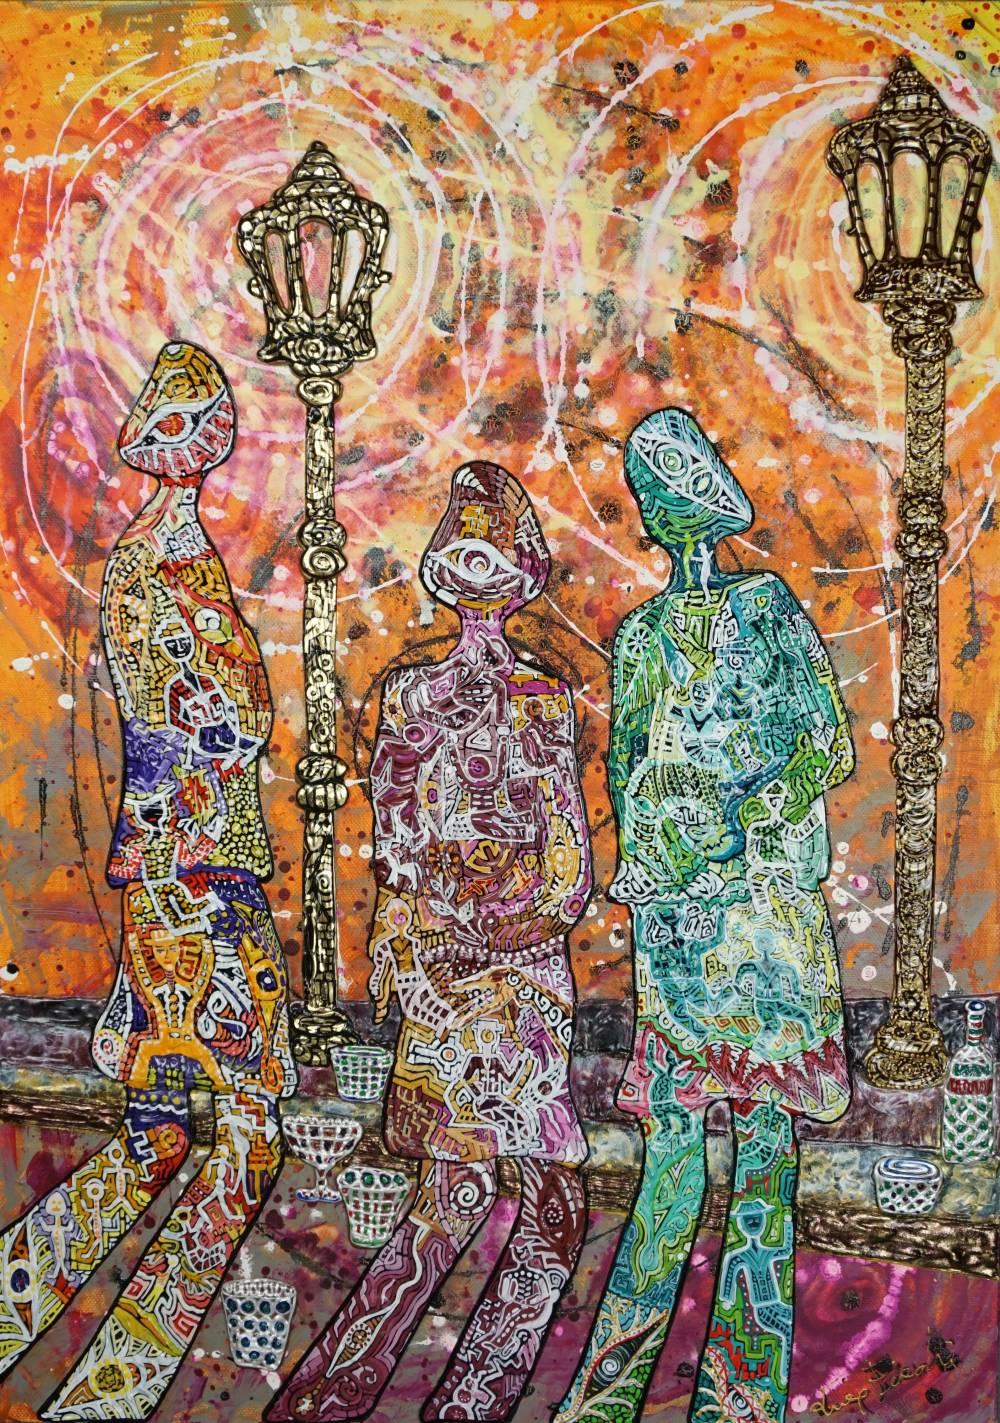 OMBRE DOPO LA FESTA - quadro- anno 2016 - 50 cm x 70 cm h -acrilico su tela con foglia oro - figure lampioni marciapiede e bicchieri in rilievo